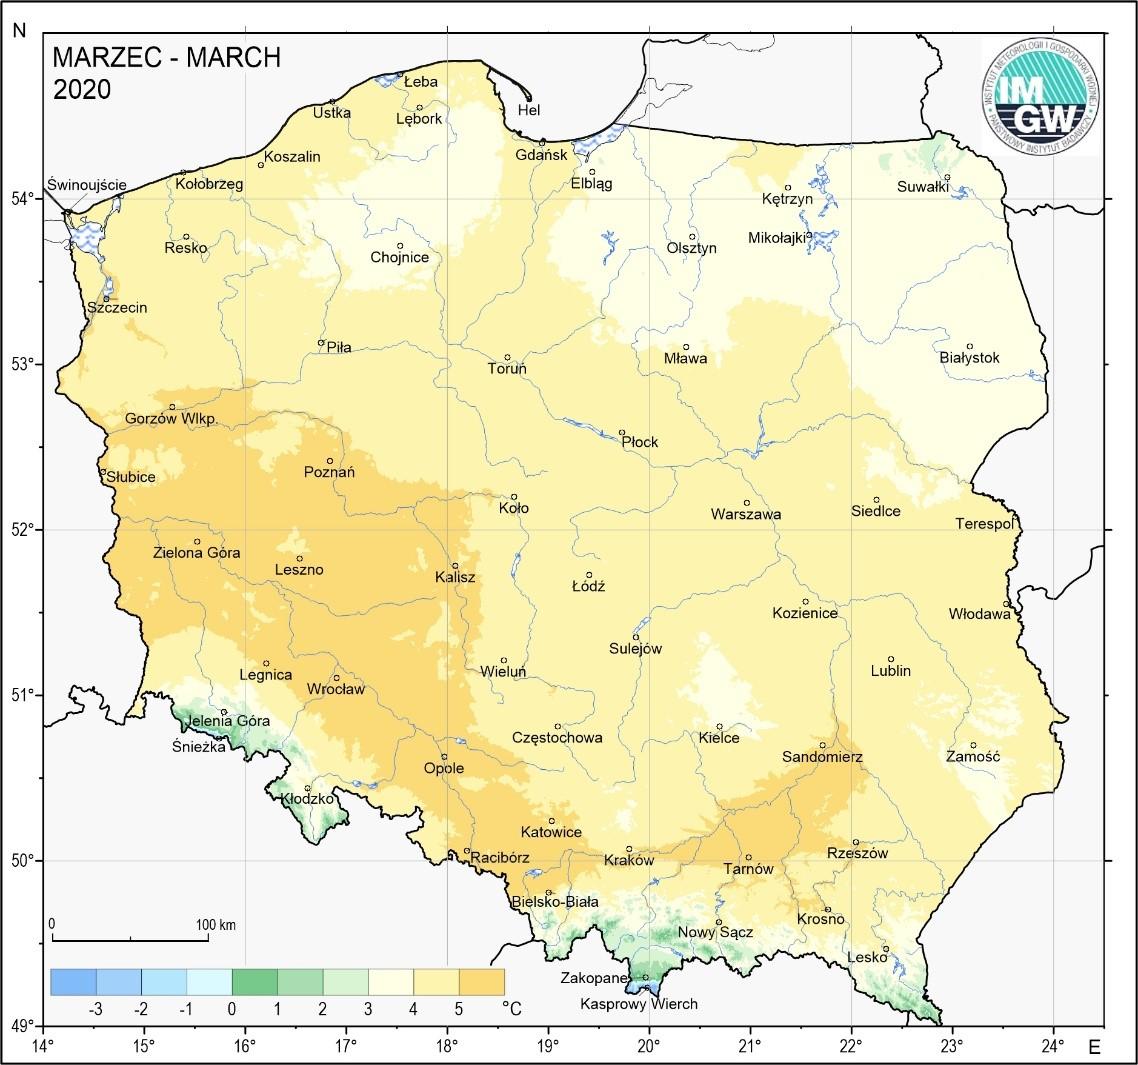 Mapa 1. Przestrzenny rozkład średniej miesięcznej temperatury powietrza w marcu 2020 r.